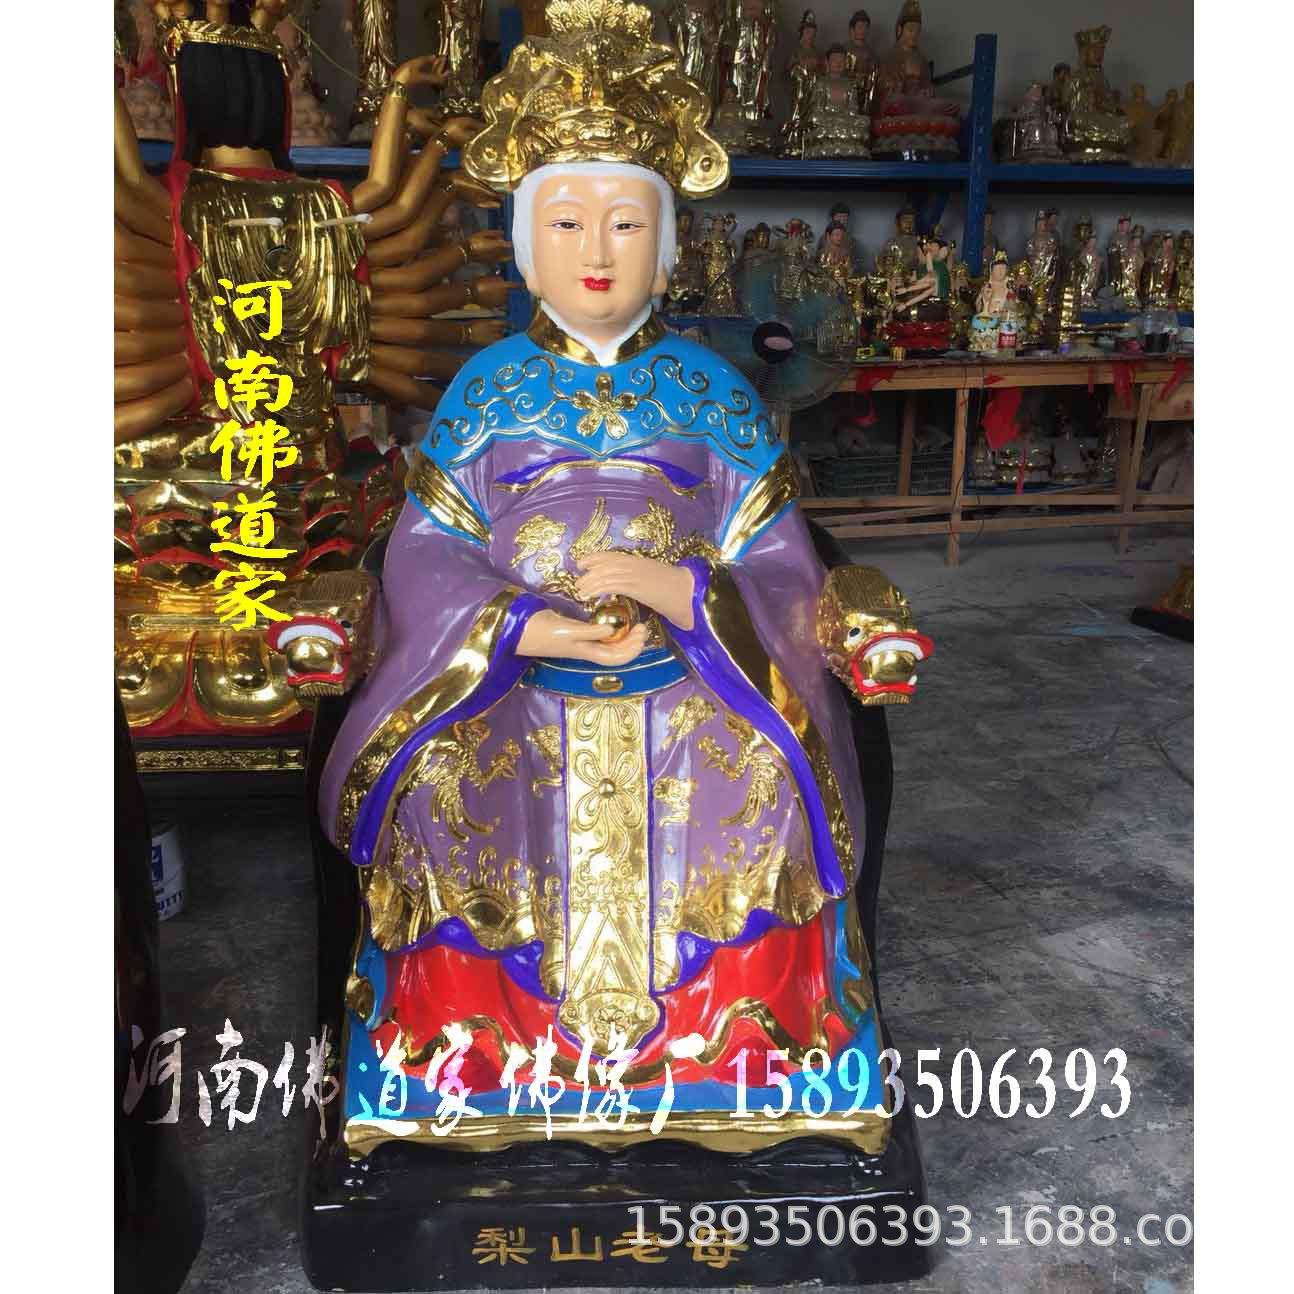 天盘老母是哪位神仙 天盘老母神像厂家 天盘老祖神像 河南佛道家示例图2